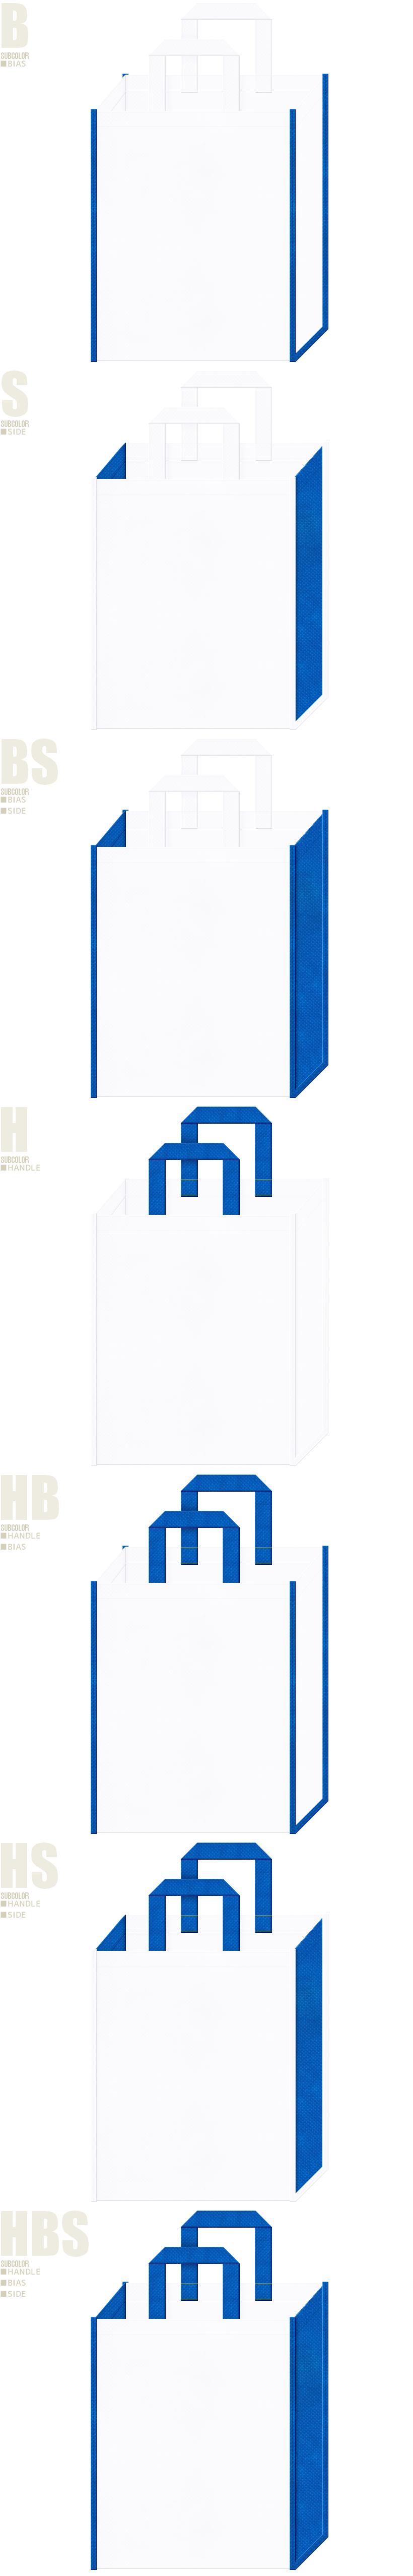 不織布のデザイン:-不織布メインカラーNo.15+サブカラーNo.22の2色7パターン